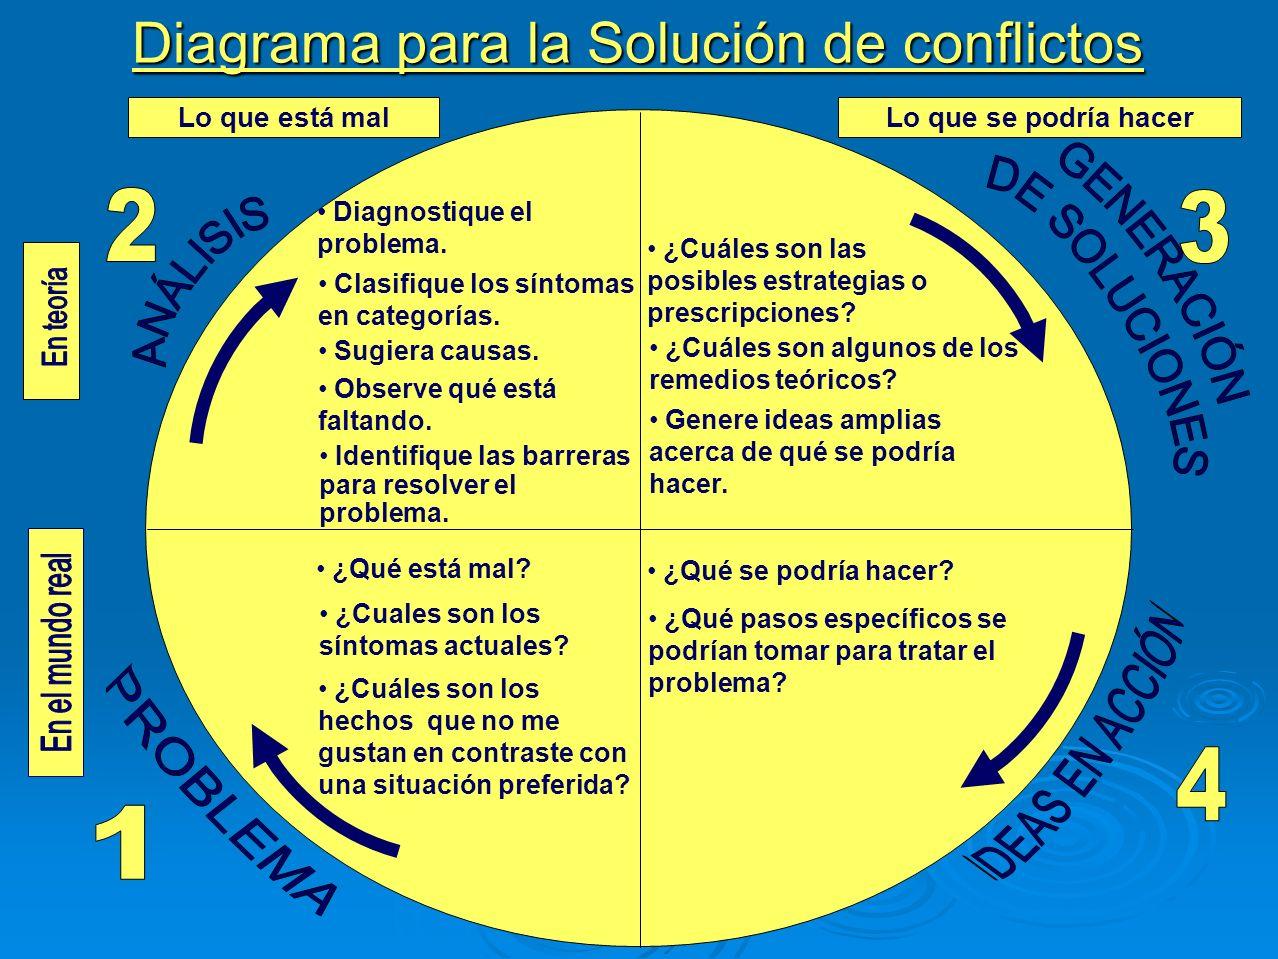 Diagrama para la Solución de conflictos Lo que se podría hacerLo que está mal Diagnostique el problema. Clasifique los síntomas en categorías. Sugiera